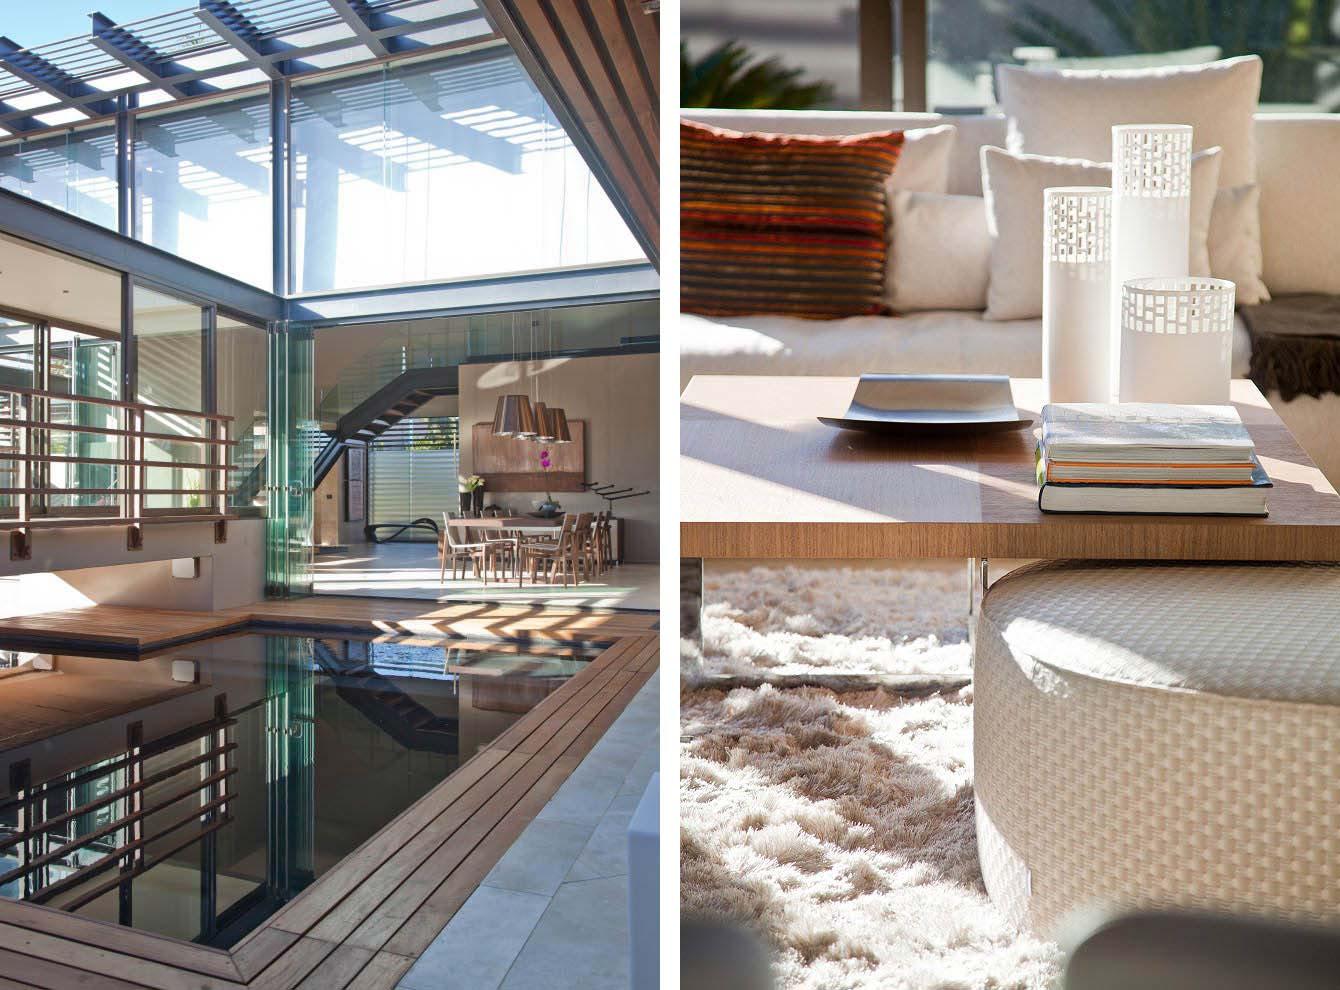 house-aboobaker-by-nico-van-der-meulen-architects-12